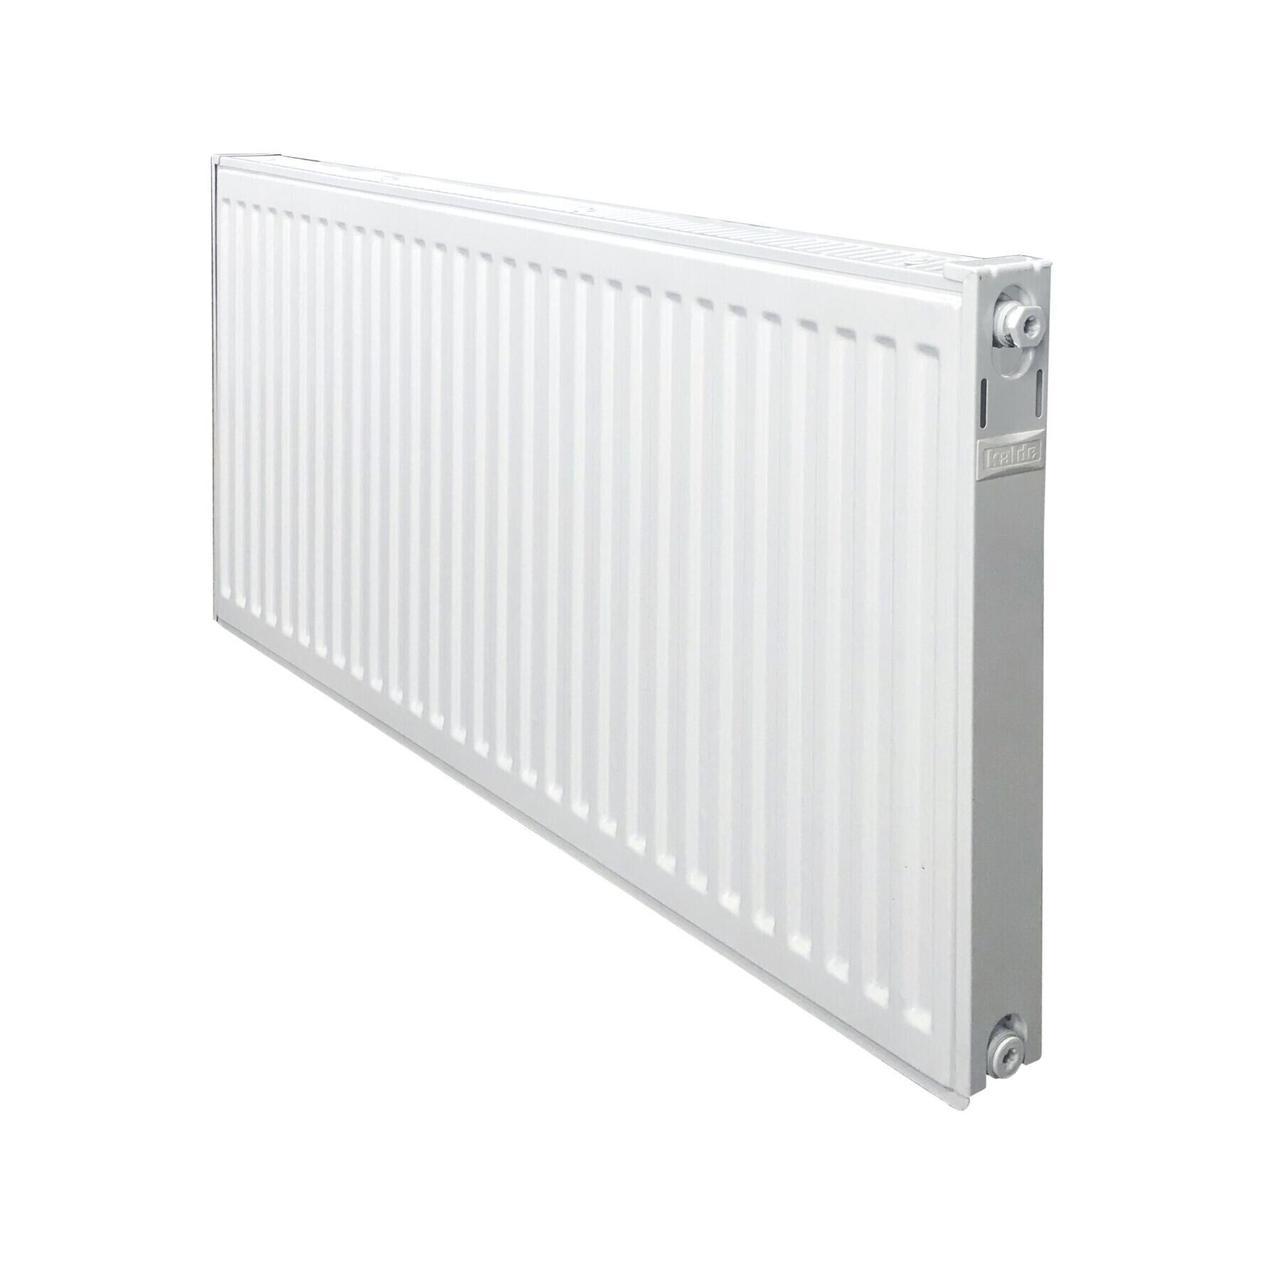 Радиатор стальной панельный 11 тип бок. 500x700 ТМ 'KALDE' 780 Вт